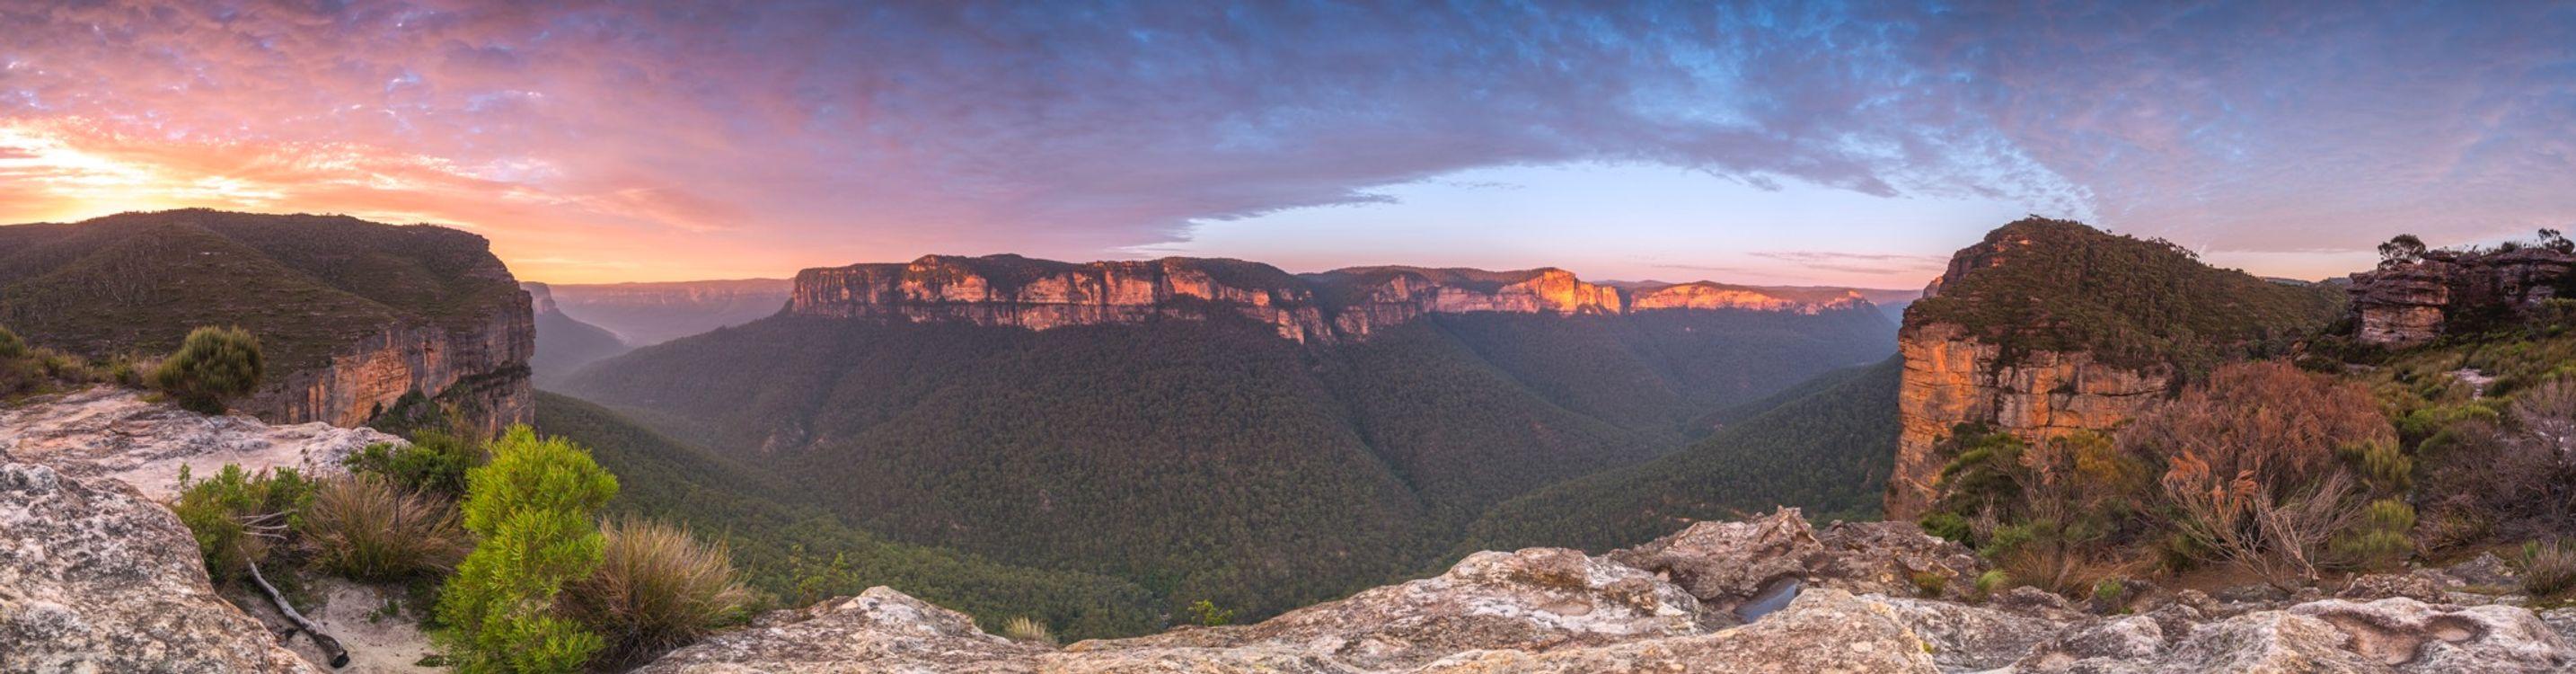 Фото бесплатно восход, синий, горы, новый южный уэльс, австралия, пейзаж, гора Виктория, природа, небо, пустыня, национальный парк, камень, каньон, гора, откос, пейзажи